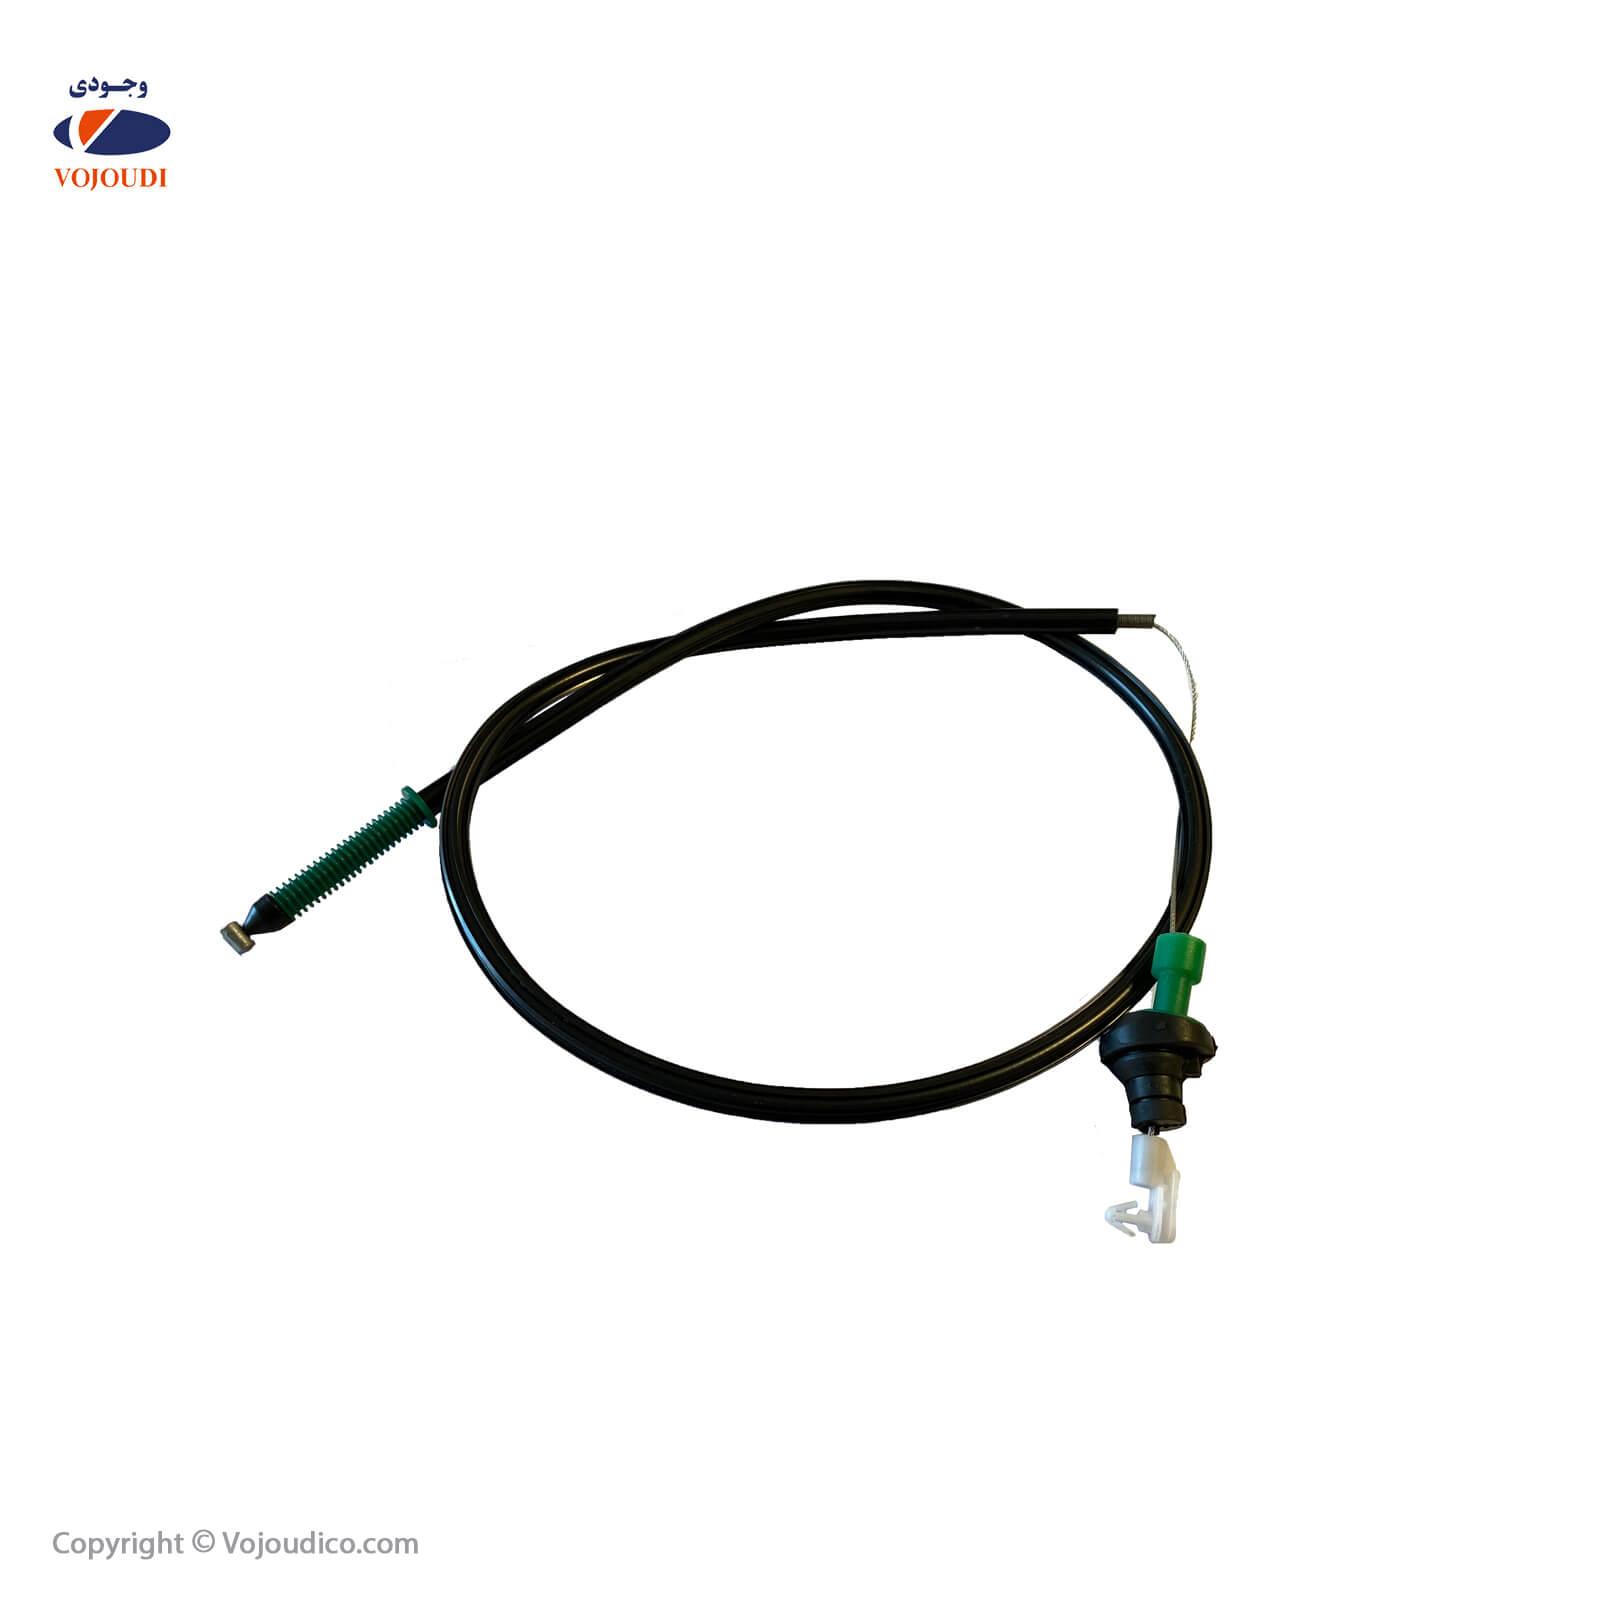 31110 1 - کابل گاز کاربراتوری وجودی کد 31110 ، تعداد در بسته : 20 عدد